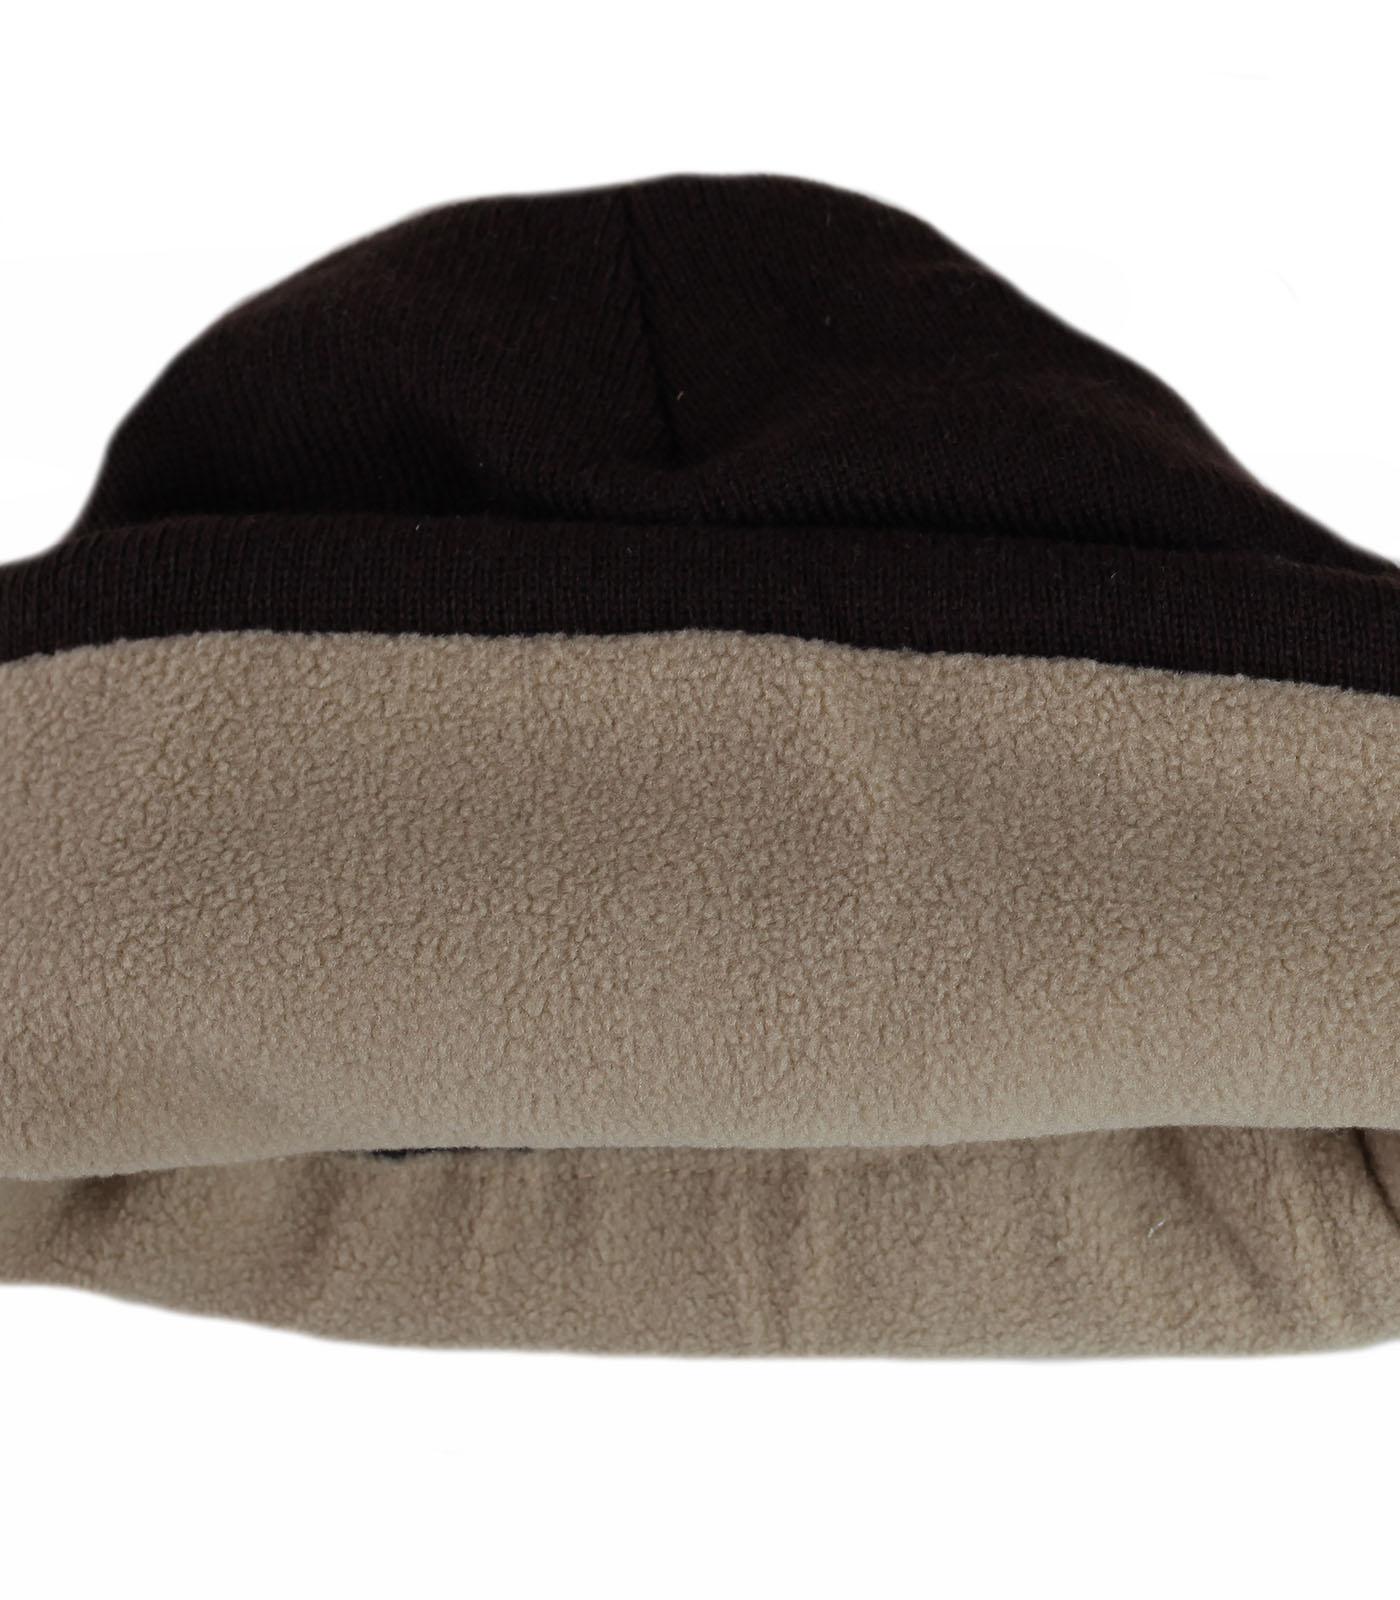 Заказать для крутых мужиков шапку благородного цвета шоколад с лаконичным декором по низкой цене